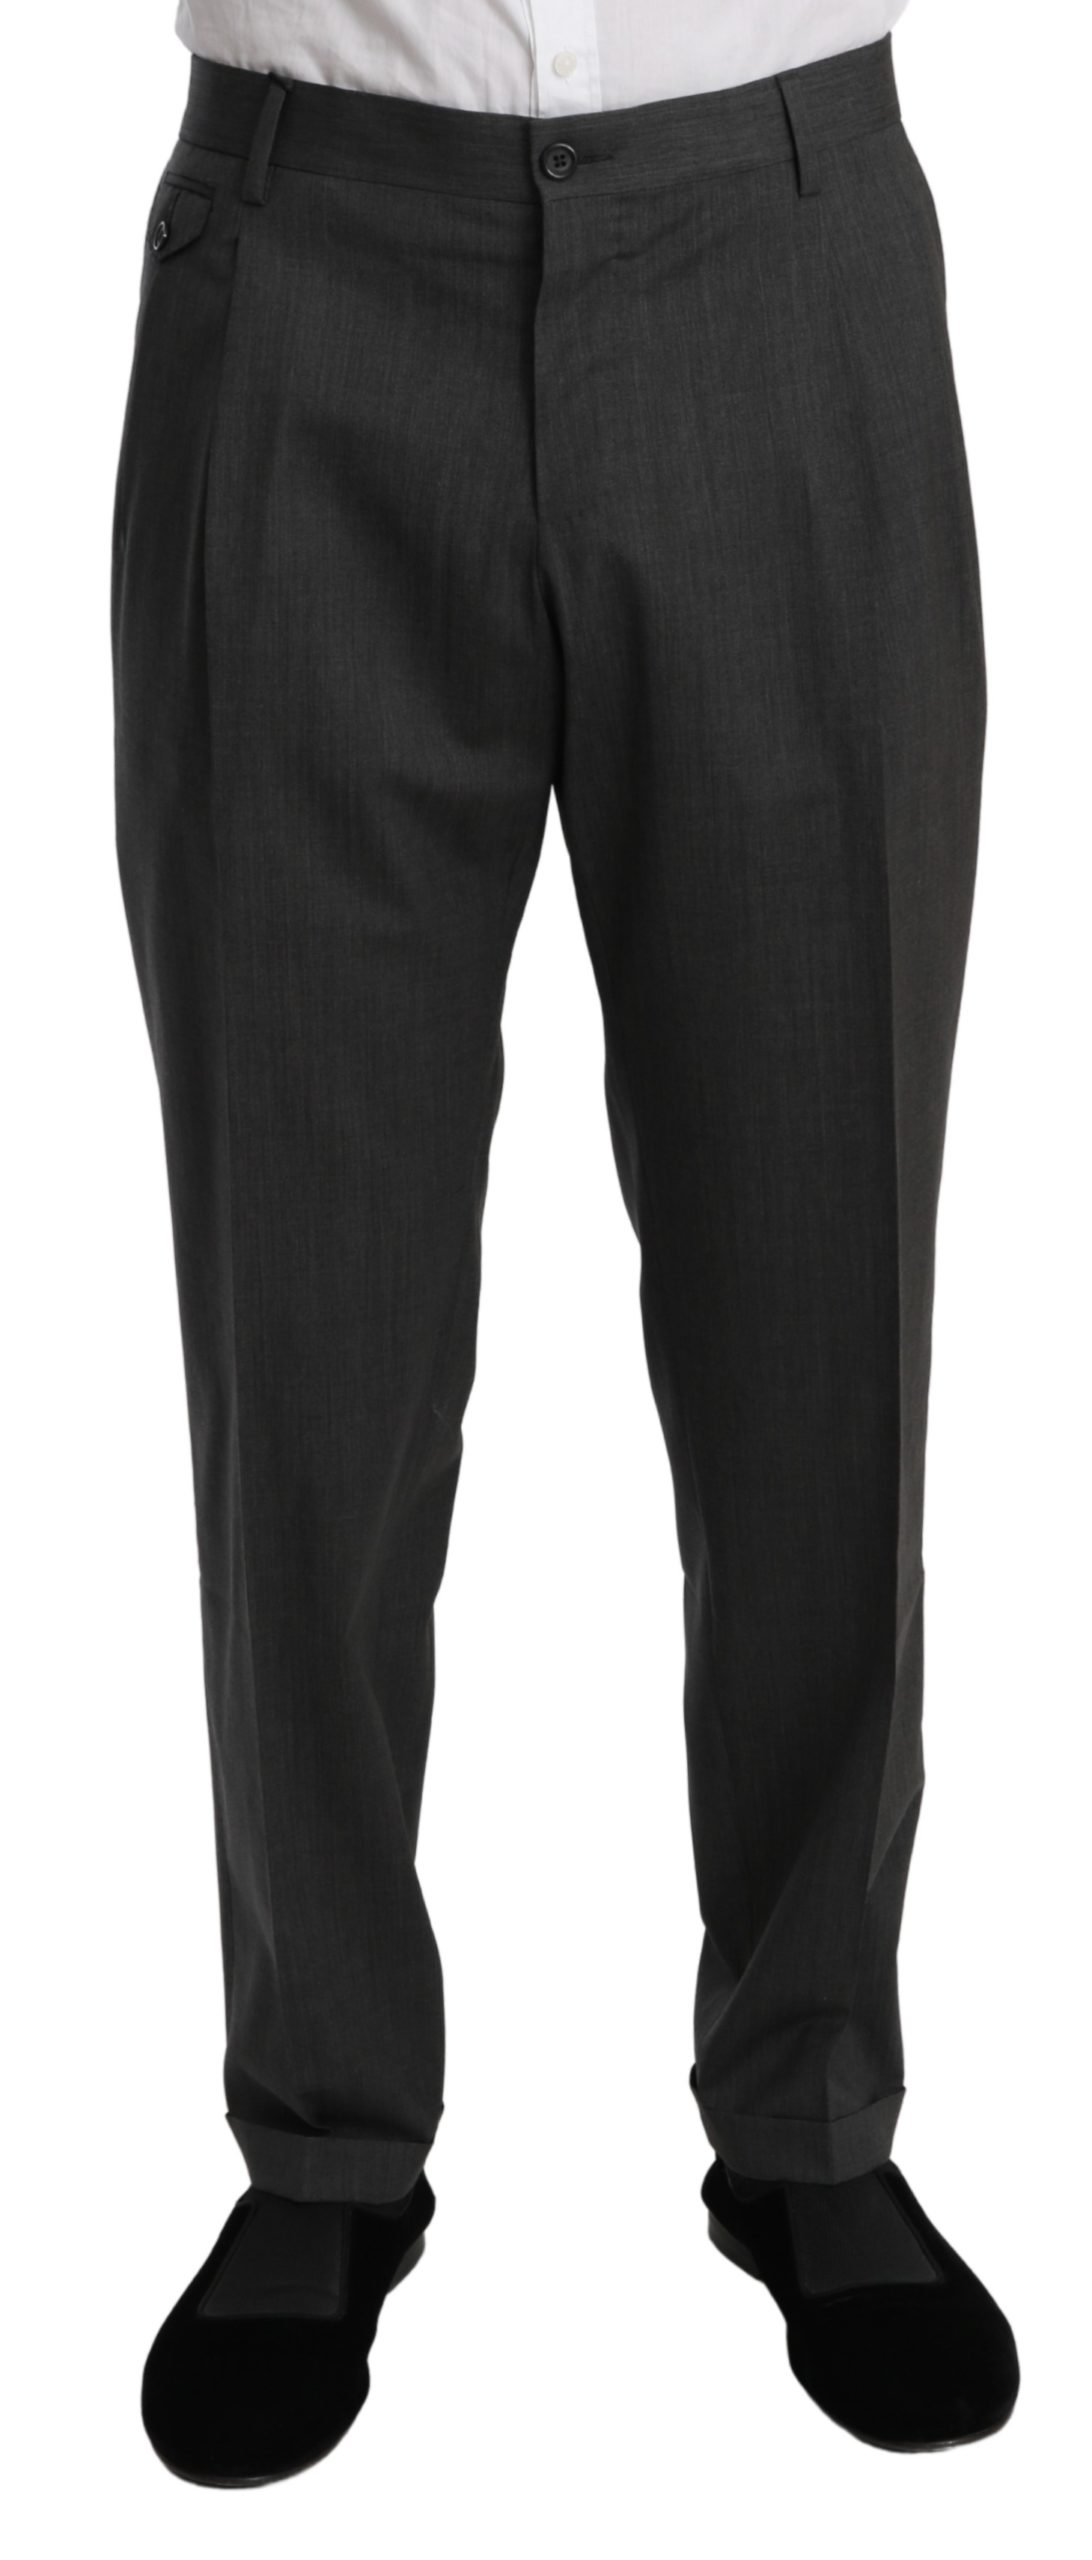 Dolce & Gabbana Men's Formal Dress Stretch Wool Trouser Gray PAN70995 - IT54   XL